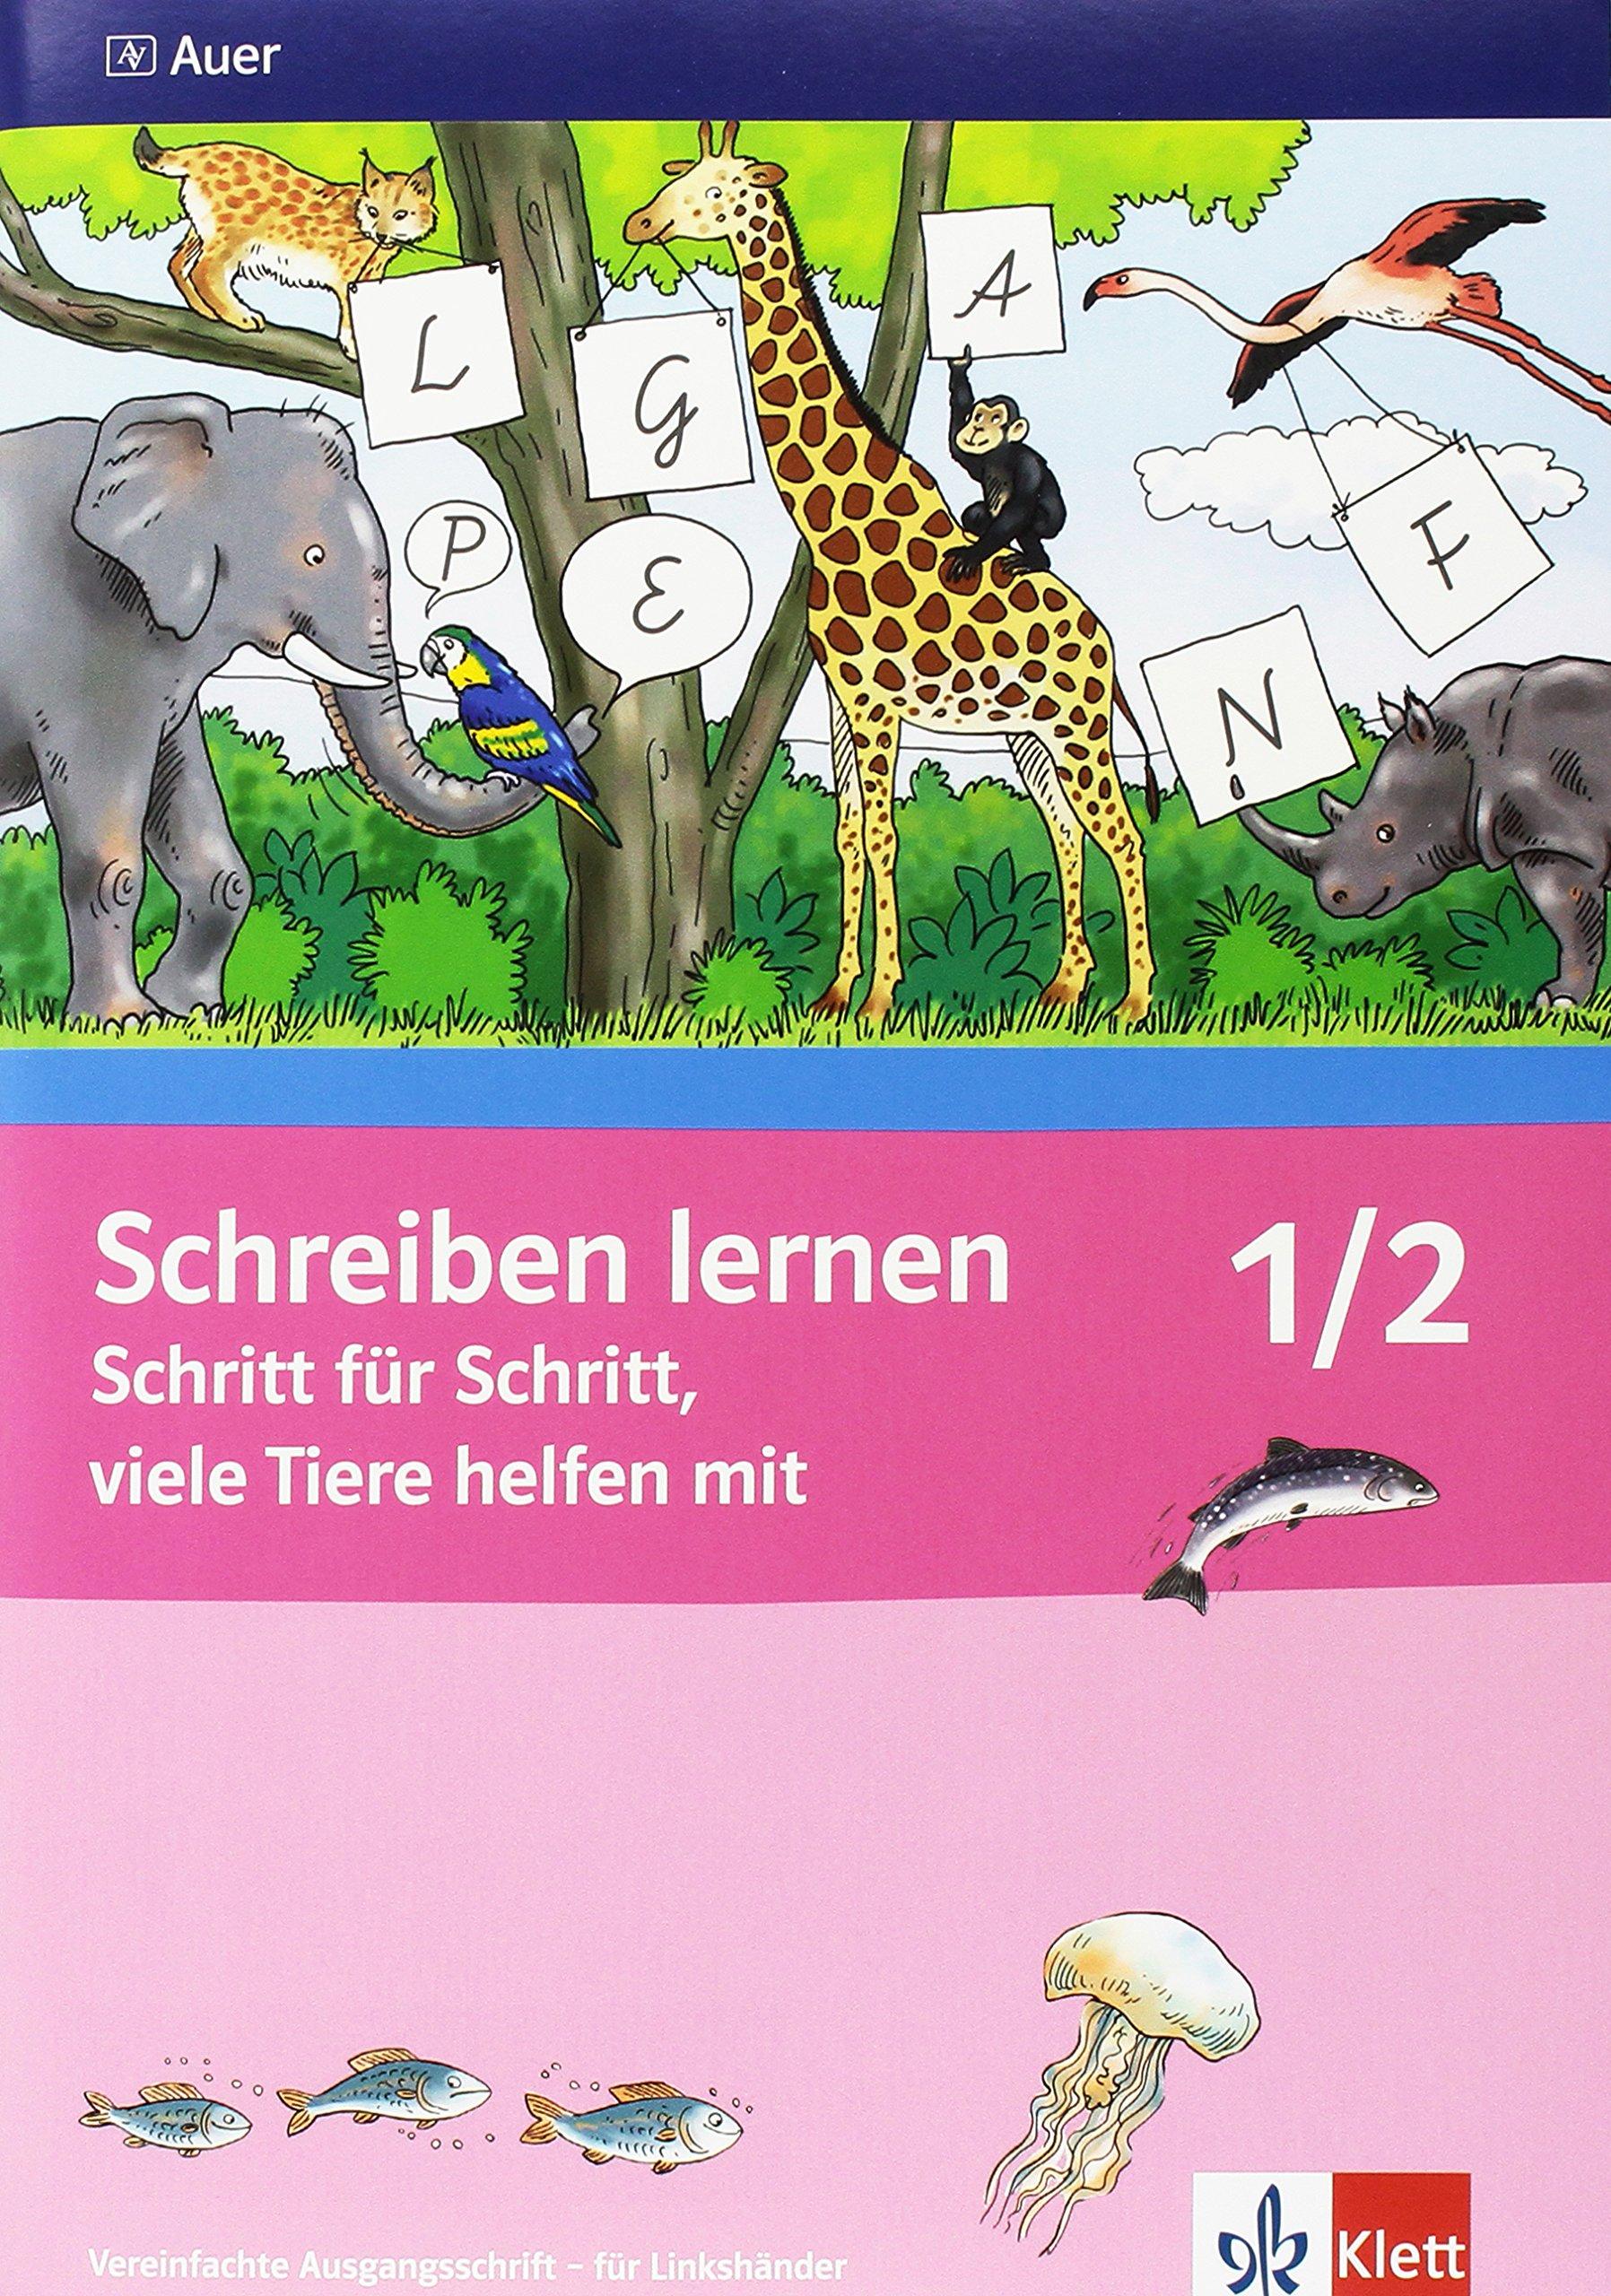 Schreiben lernen Schritt für Schritt, viele Tiere helfen mit, Neubearbeitung + 1./2. Jahrgangsstufe, Vereinfachte Ausgangsschrift für Linkshänder, 2 Bde.